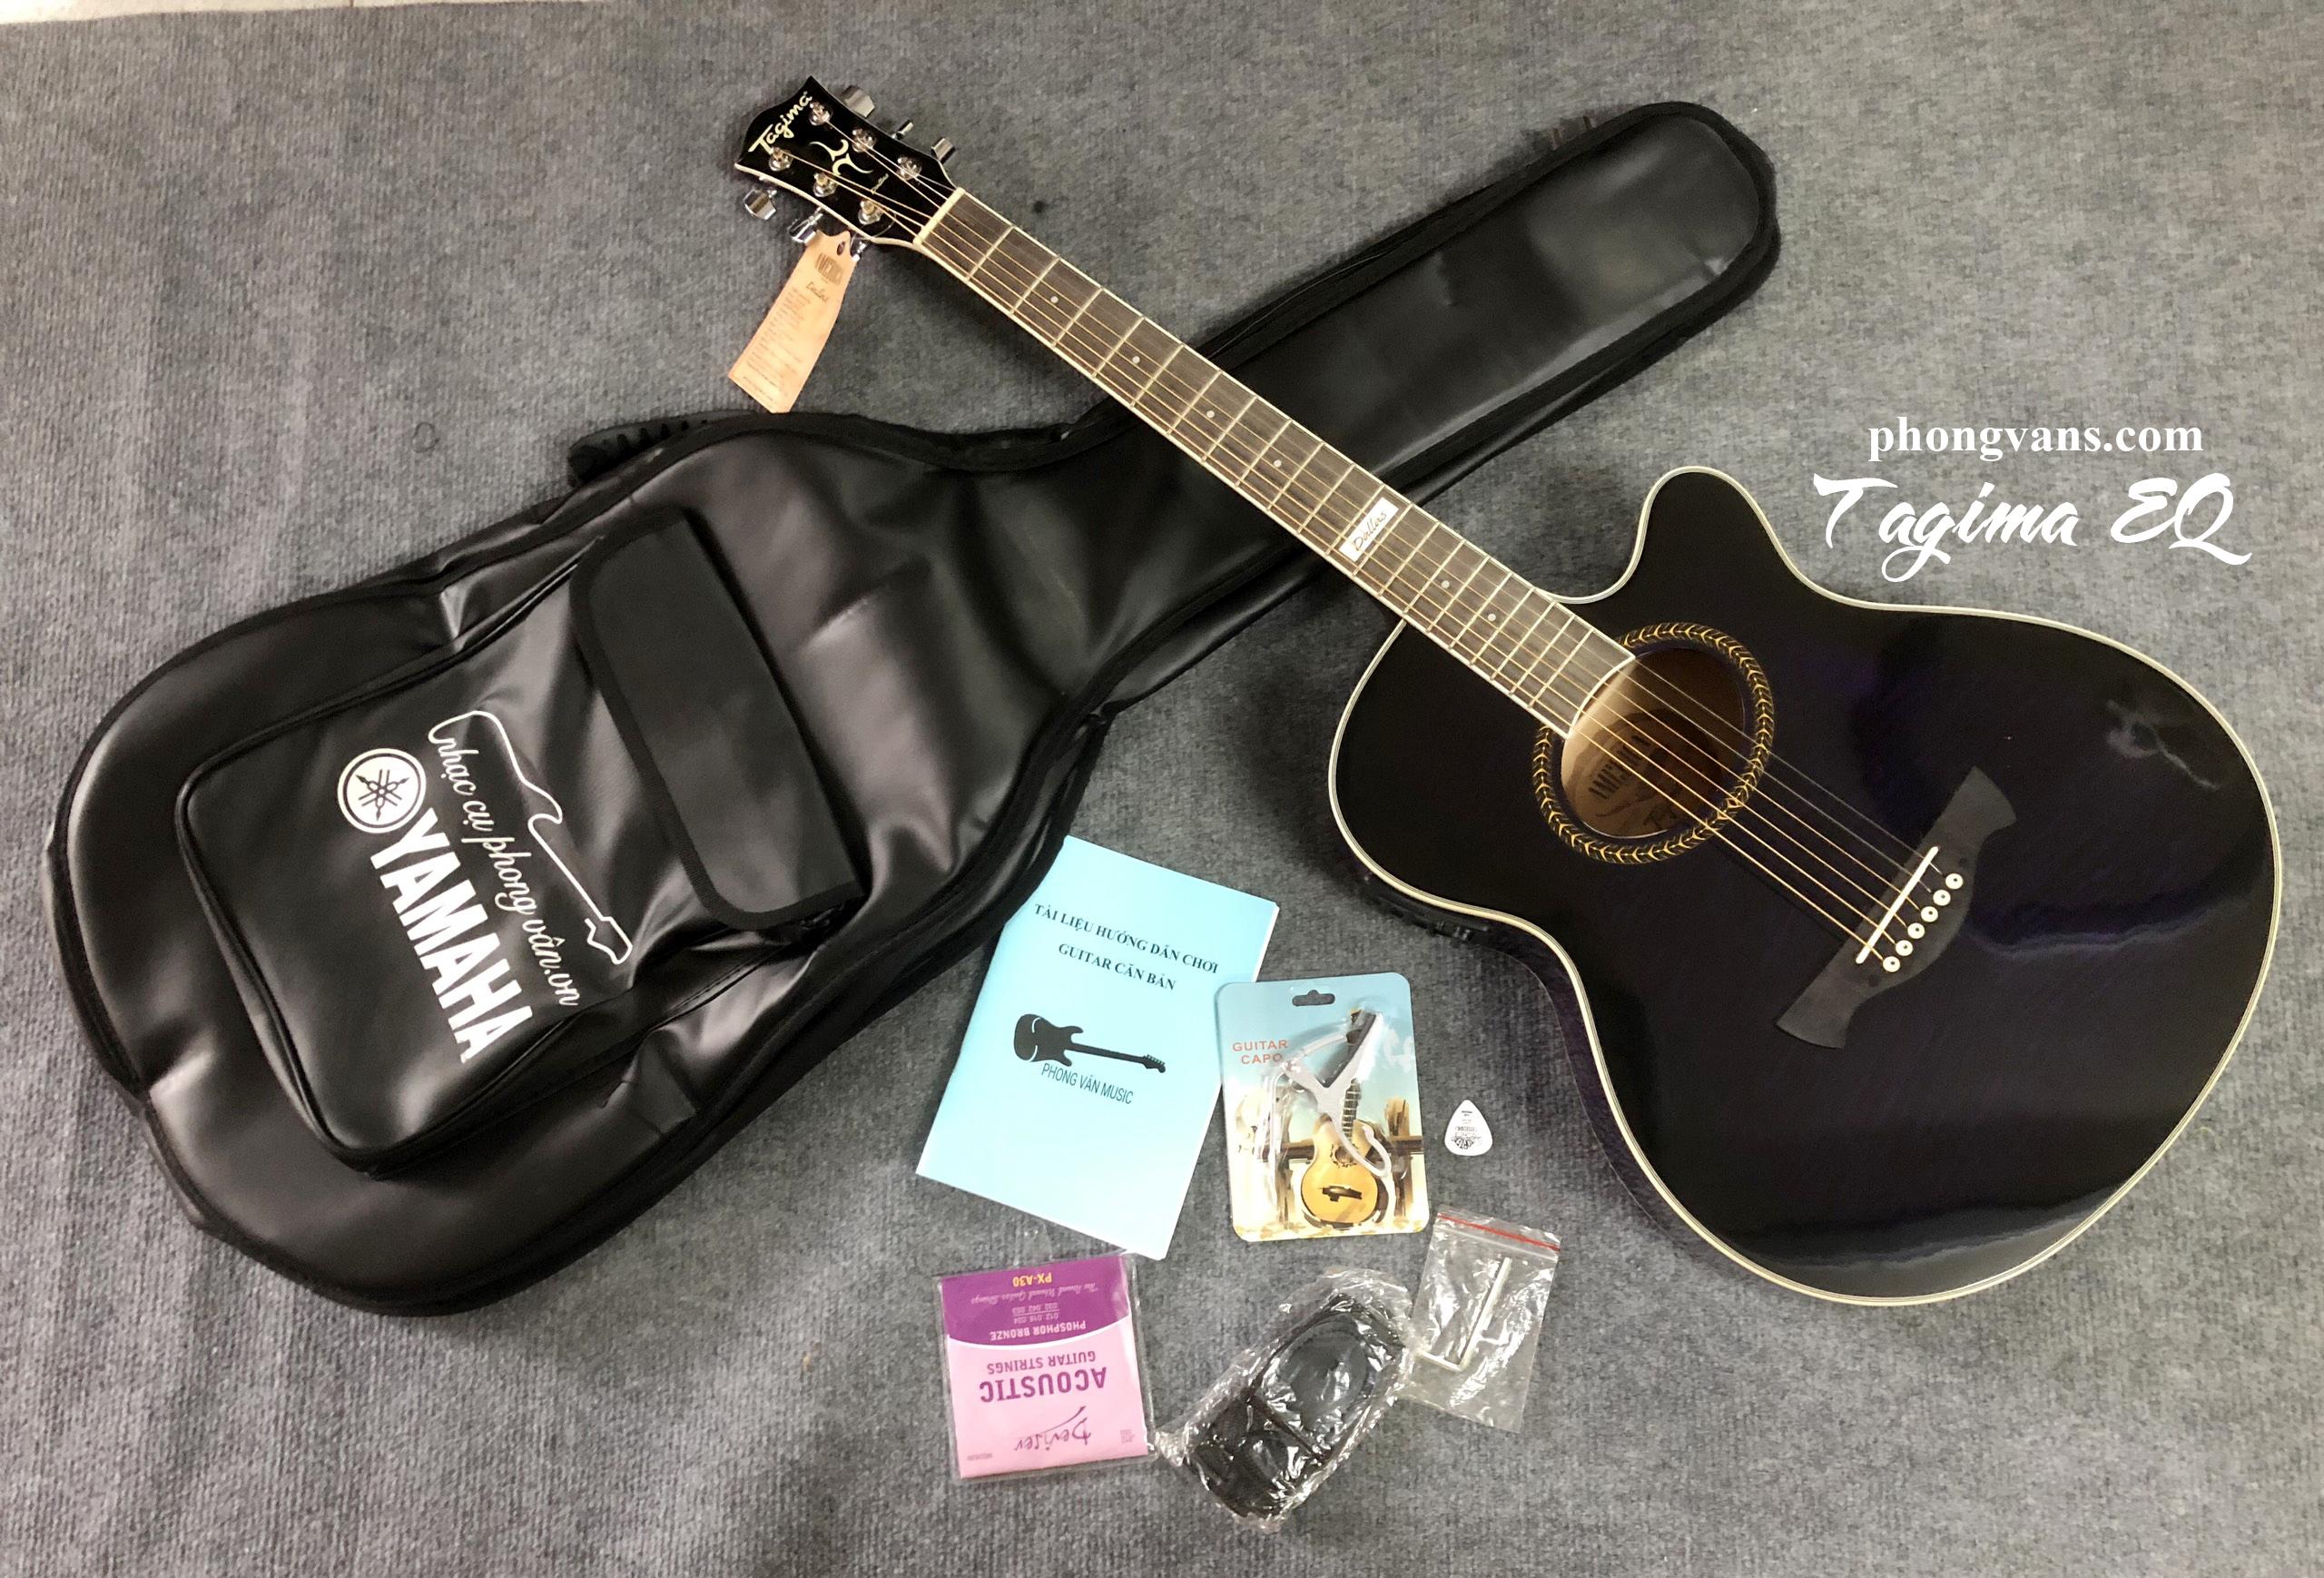 Đàn Guitar Tagima EQ chính hãng